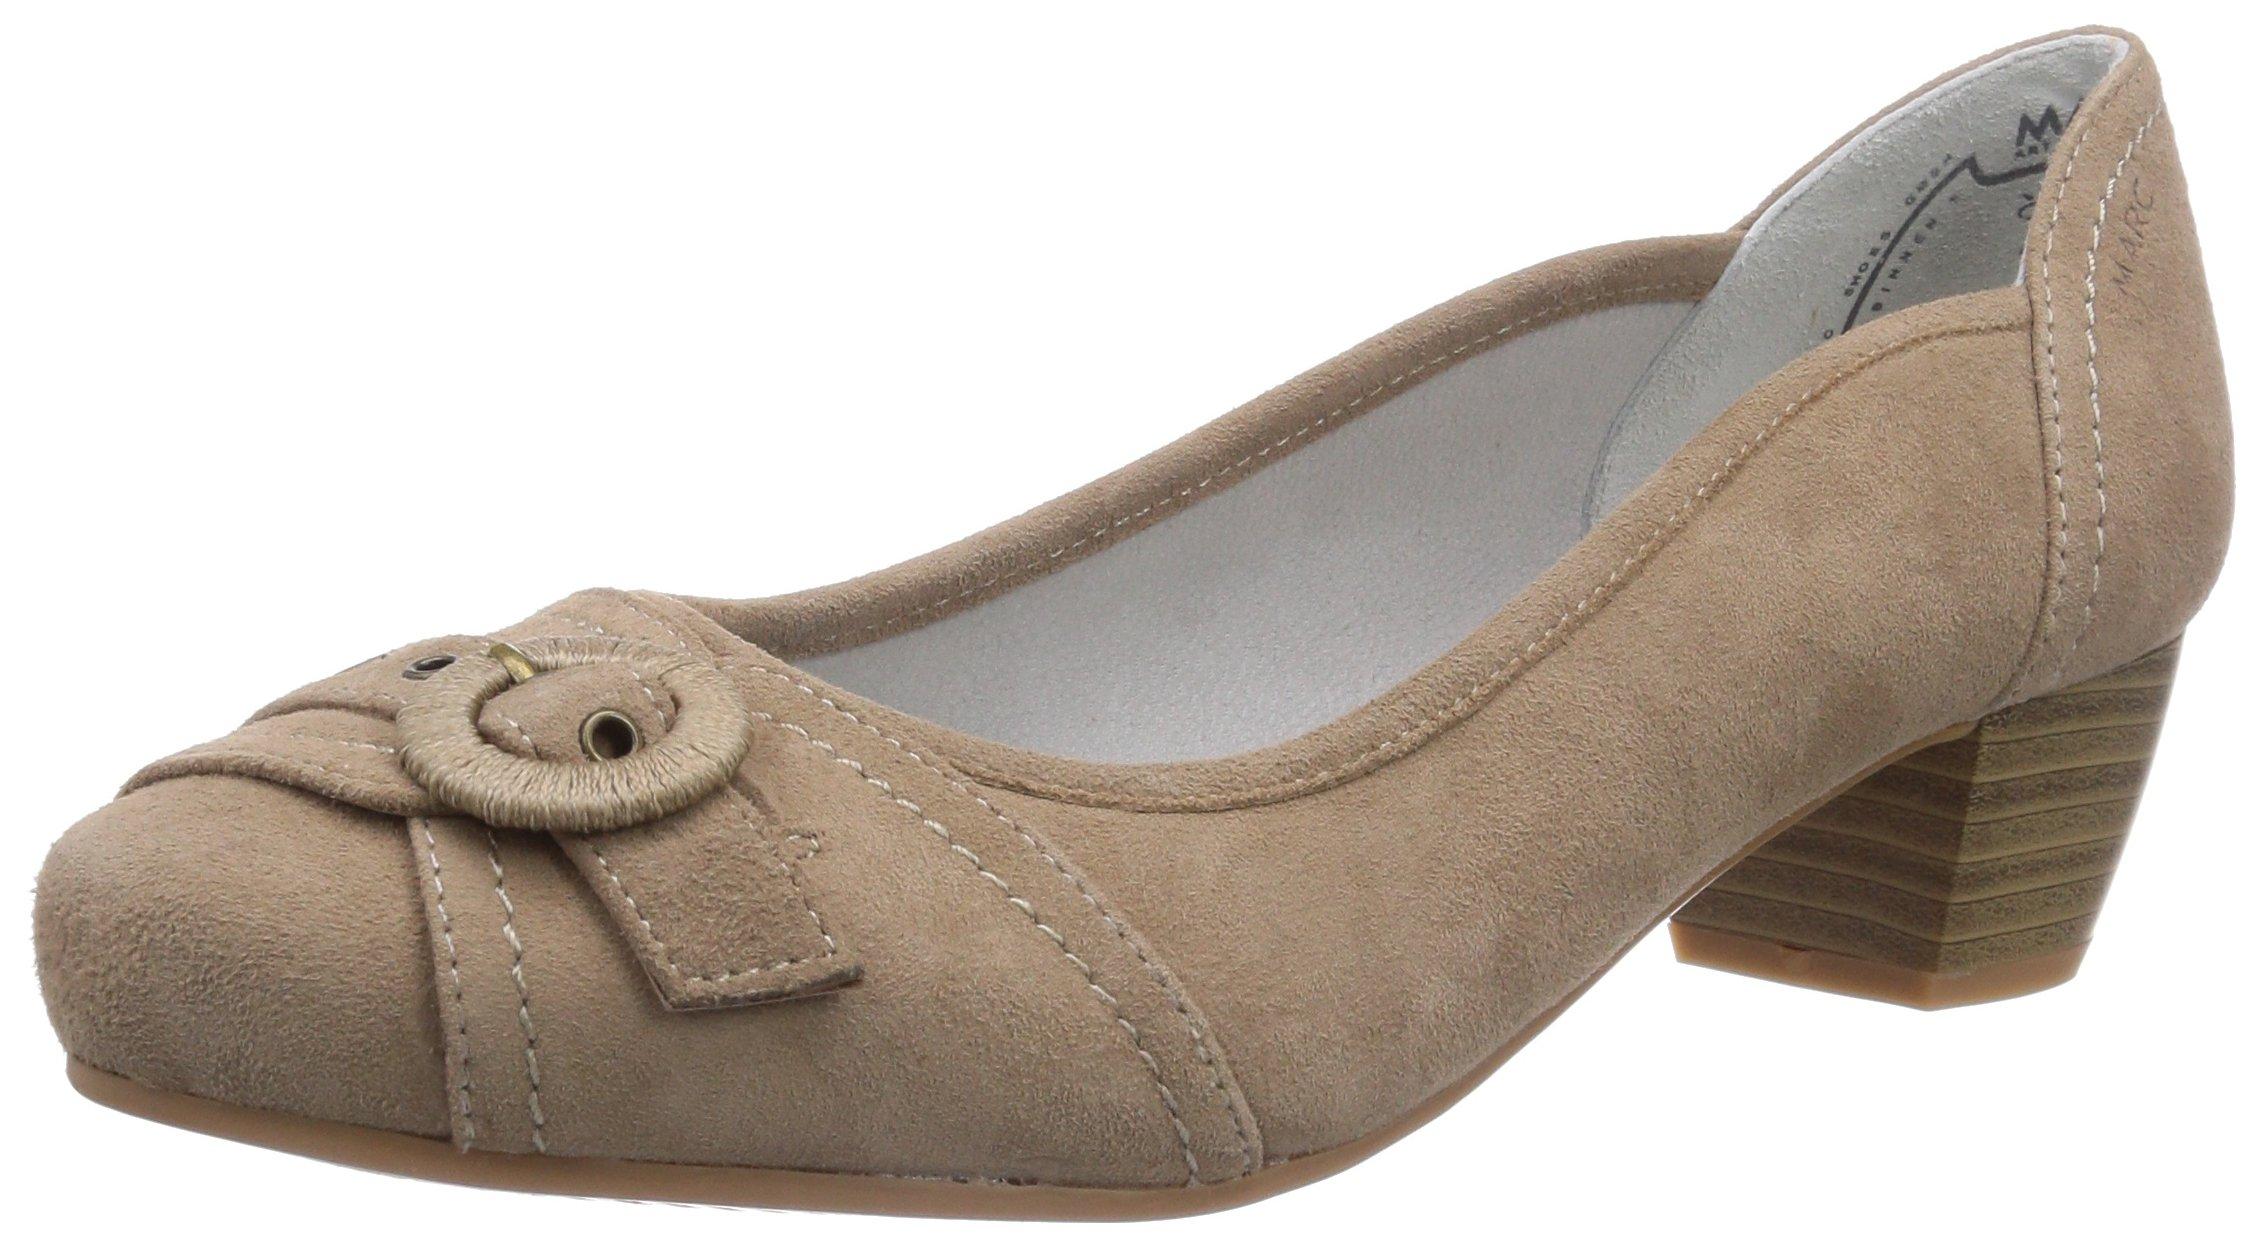 Marc Femme 06 athenaChaussures Gris Du 484 Shoes Pieds Couvert 21 À 38 Eu 260 1 Grautaupe TalonsAvant 260Taille TFKc3l1J